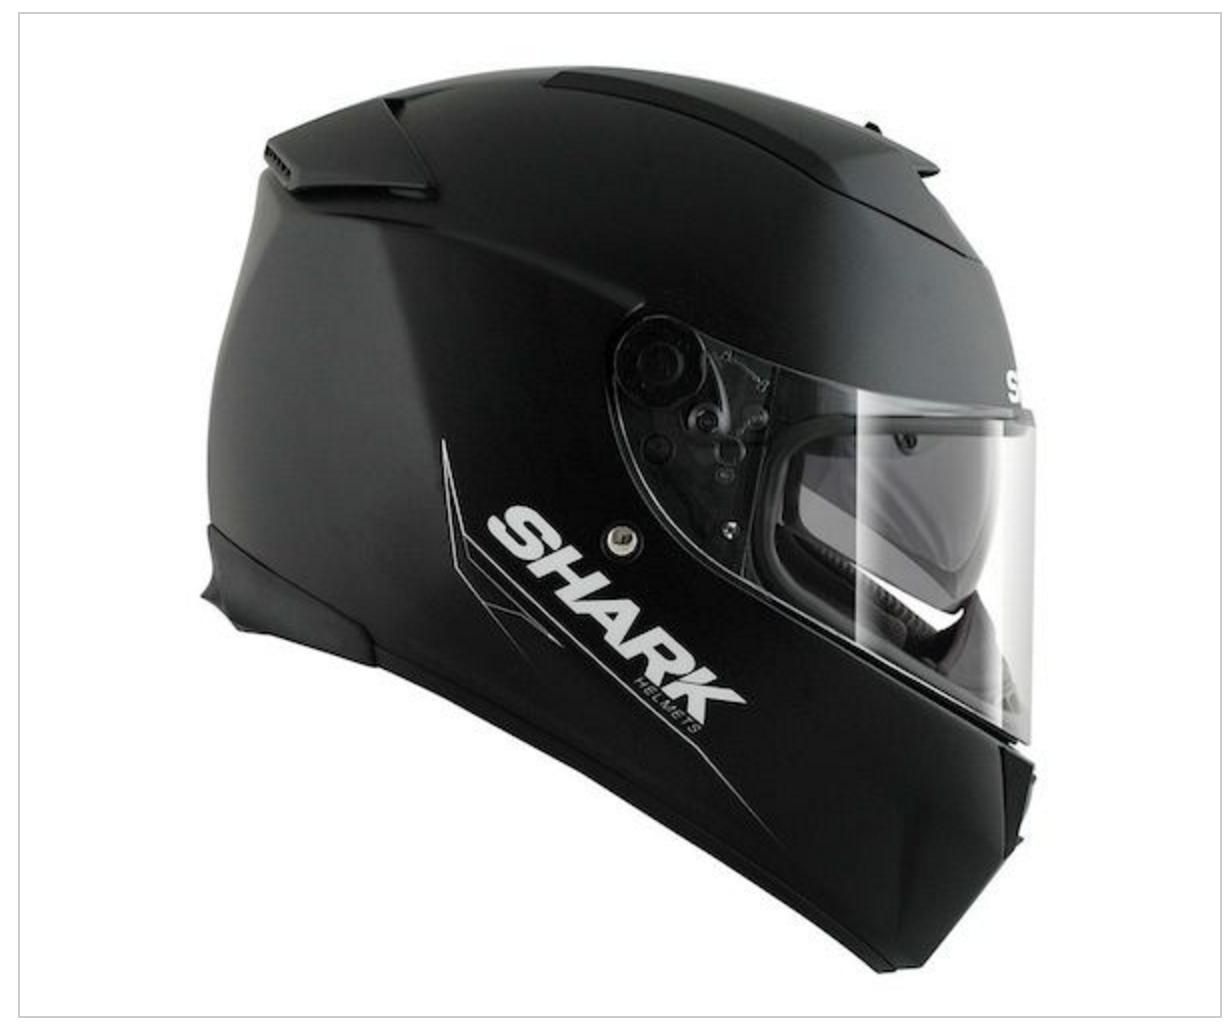 Shark Speed-R Helmet